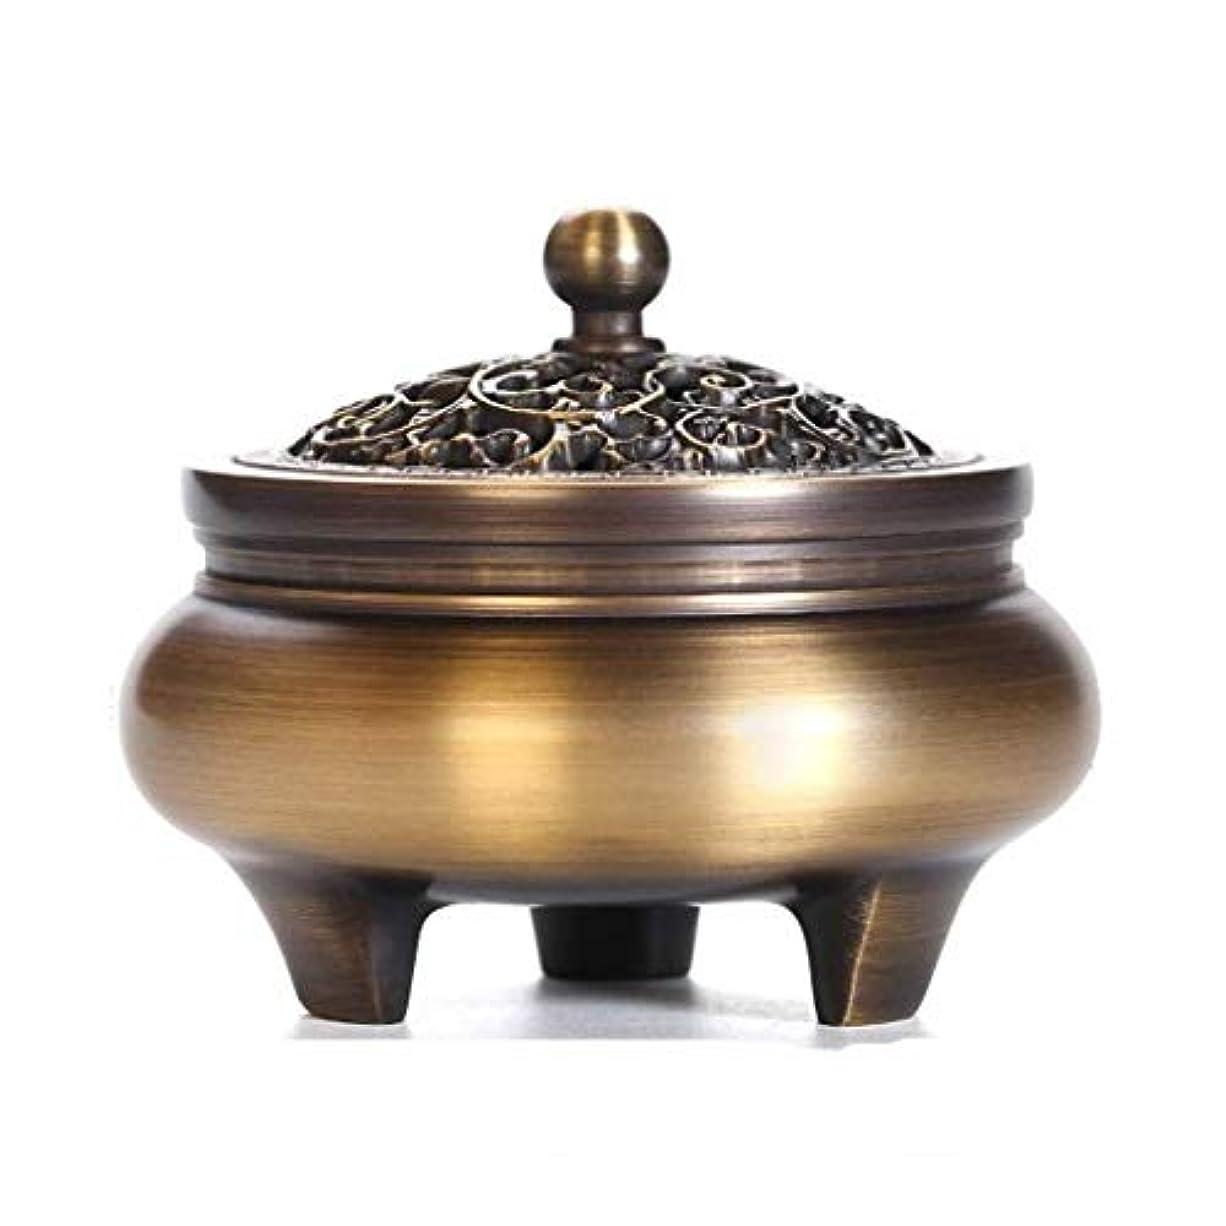 ルアーバインド溶岩芳香器?アロマバーナー 純粋な銅三脚家庭用香炉プロセス香バーナーホーム屋内アロマセラピー炉の装飾 アロマバーナー芳香器 (Color : Brass)